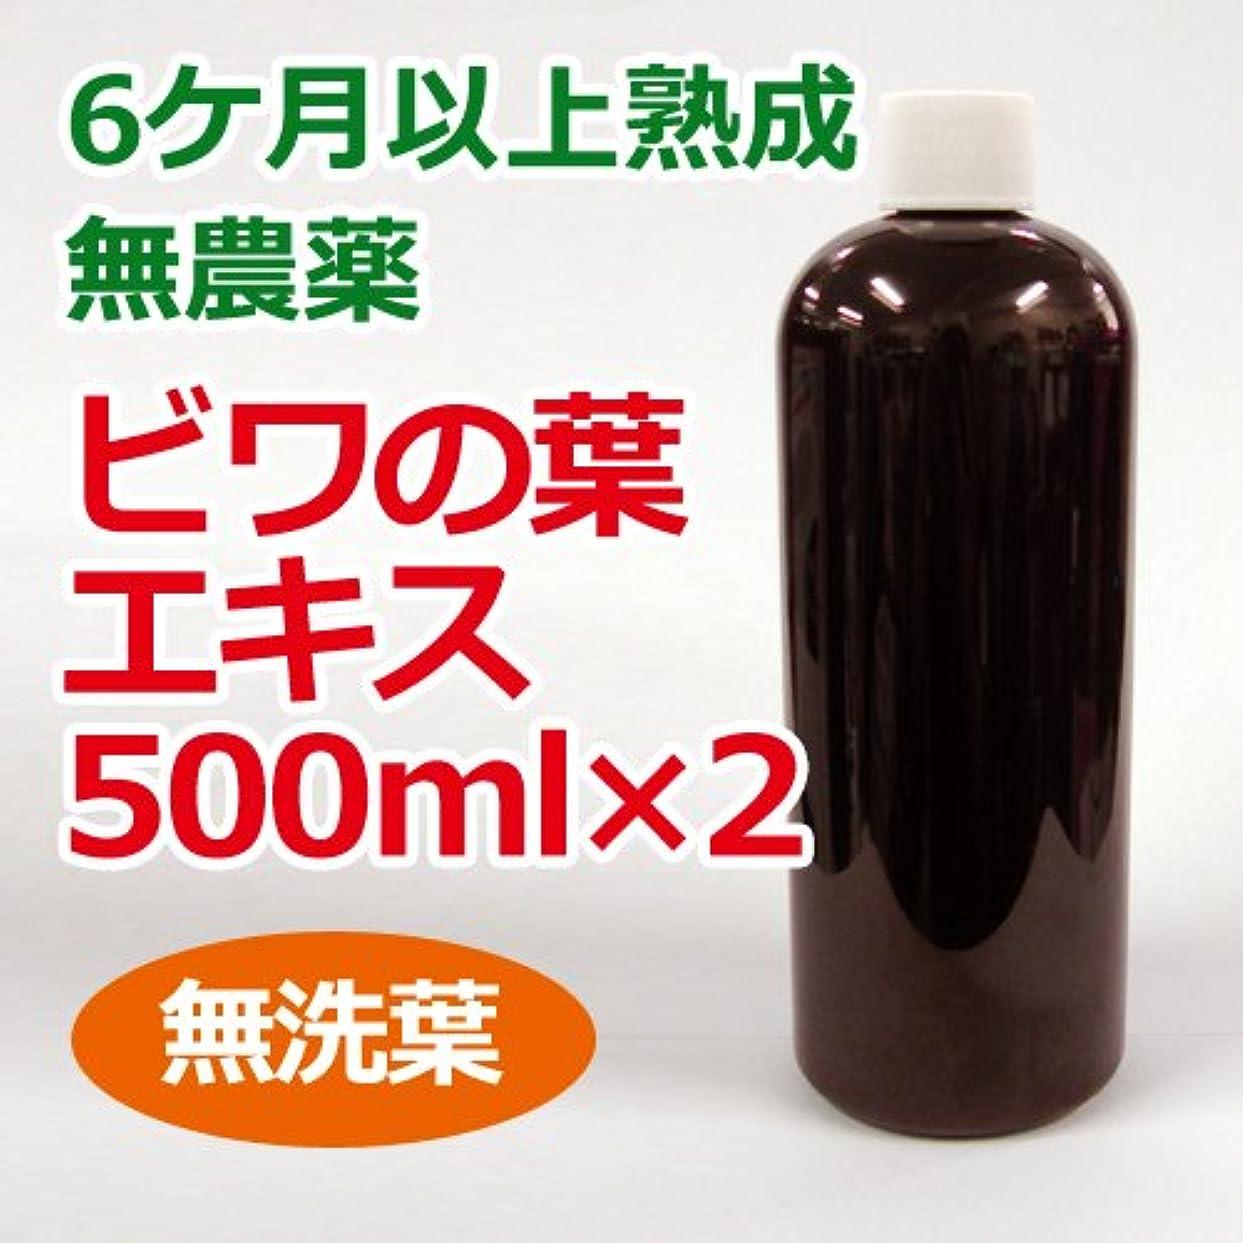 密ハシーウェイター6ケ月以上熟成 無農薬ビワの葉エキス(無洗葉)500ml×2本